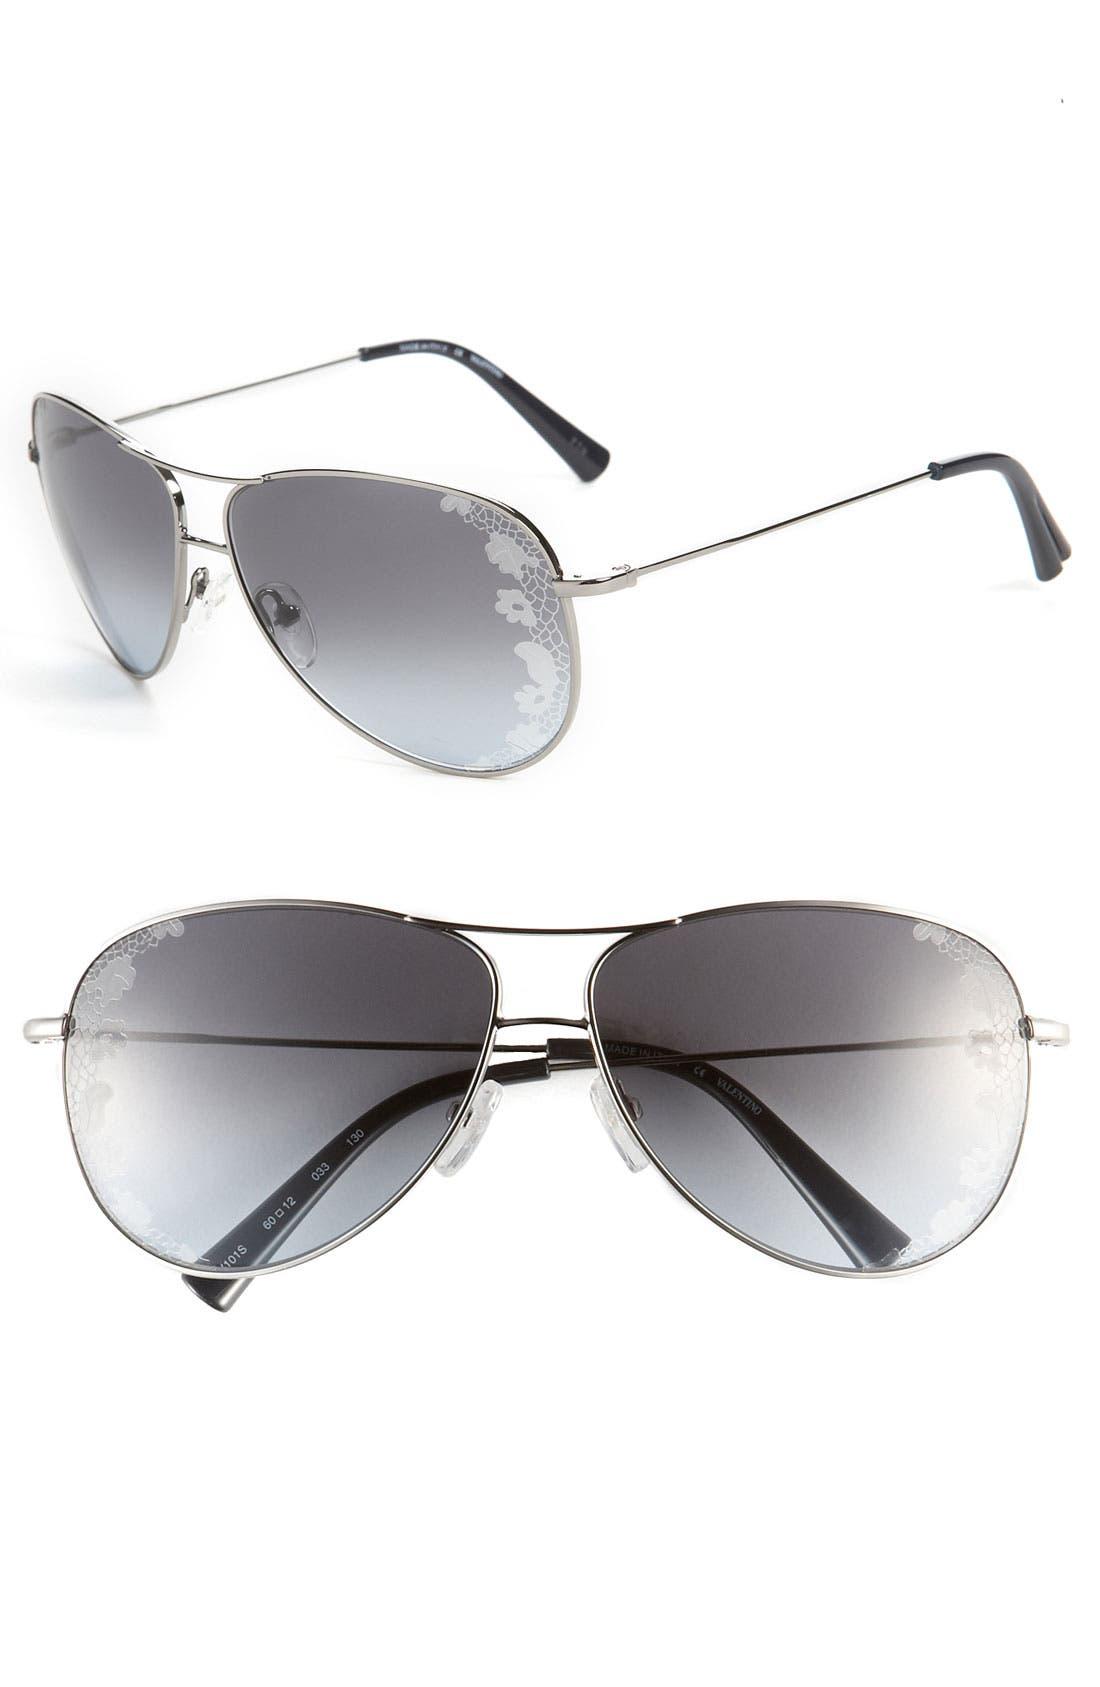 Main Image - Valentino 60mm Aviator Sunglasses